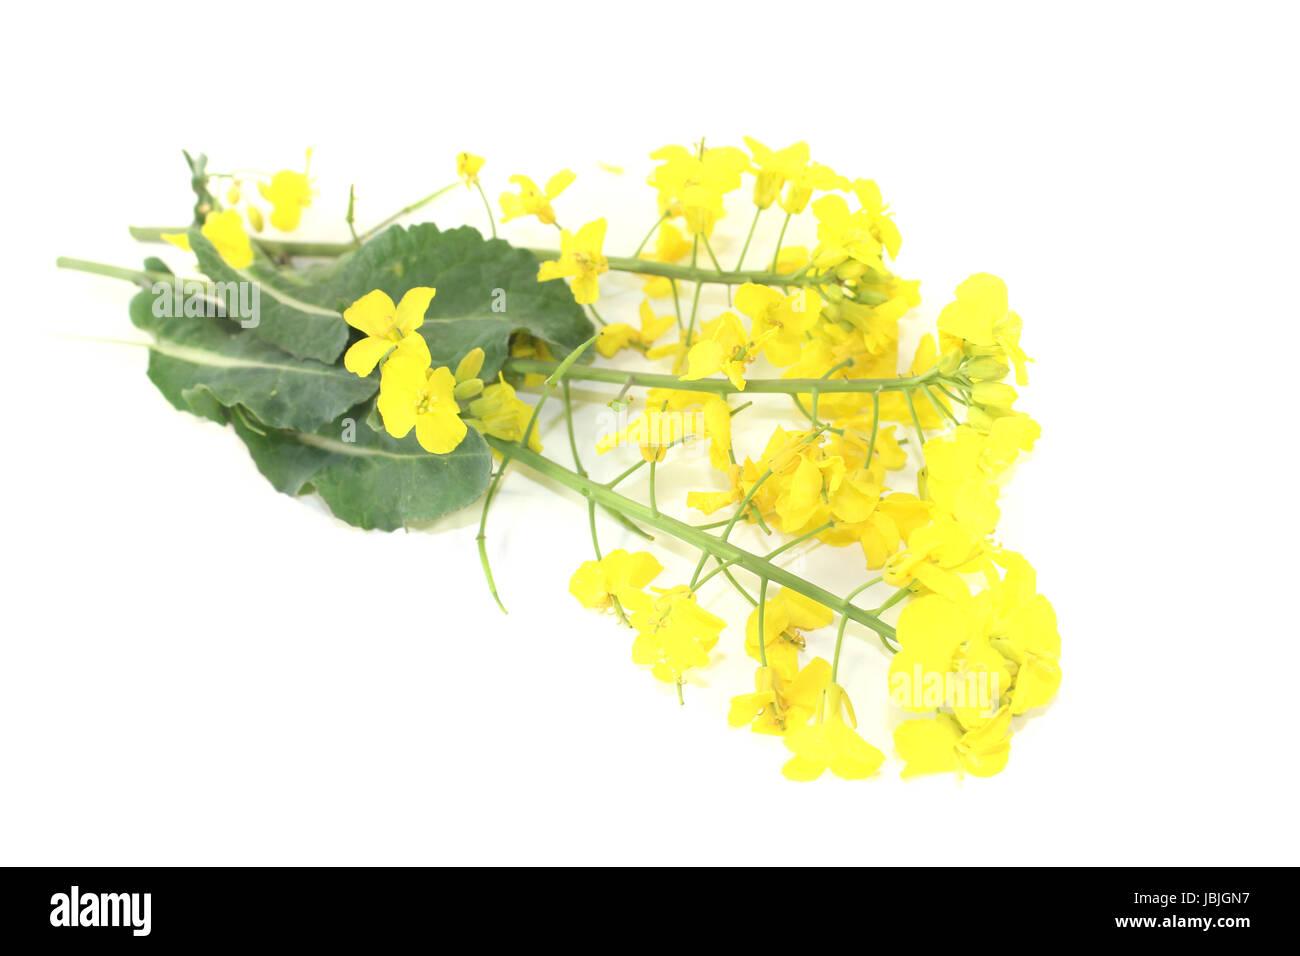 frische gelbe Rapsblüten vor hellem Hintergrund Stock Photo